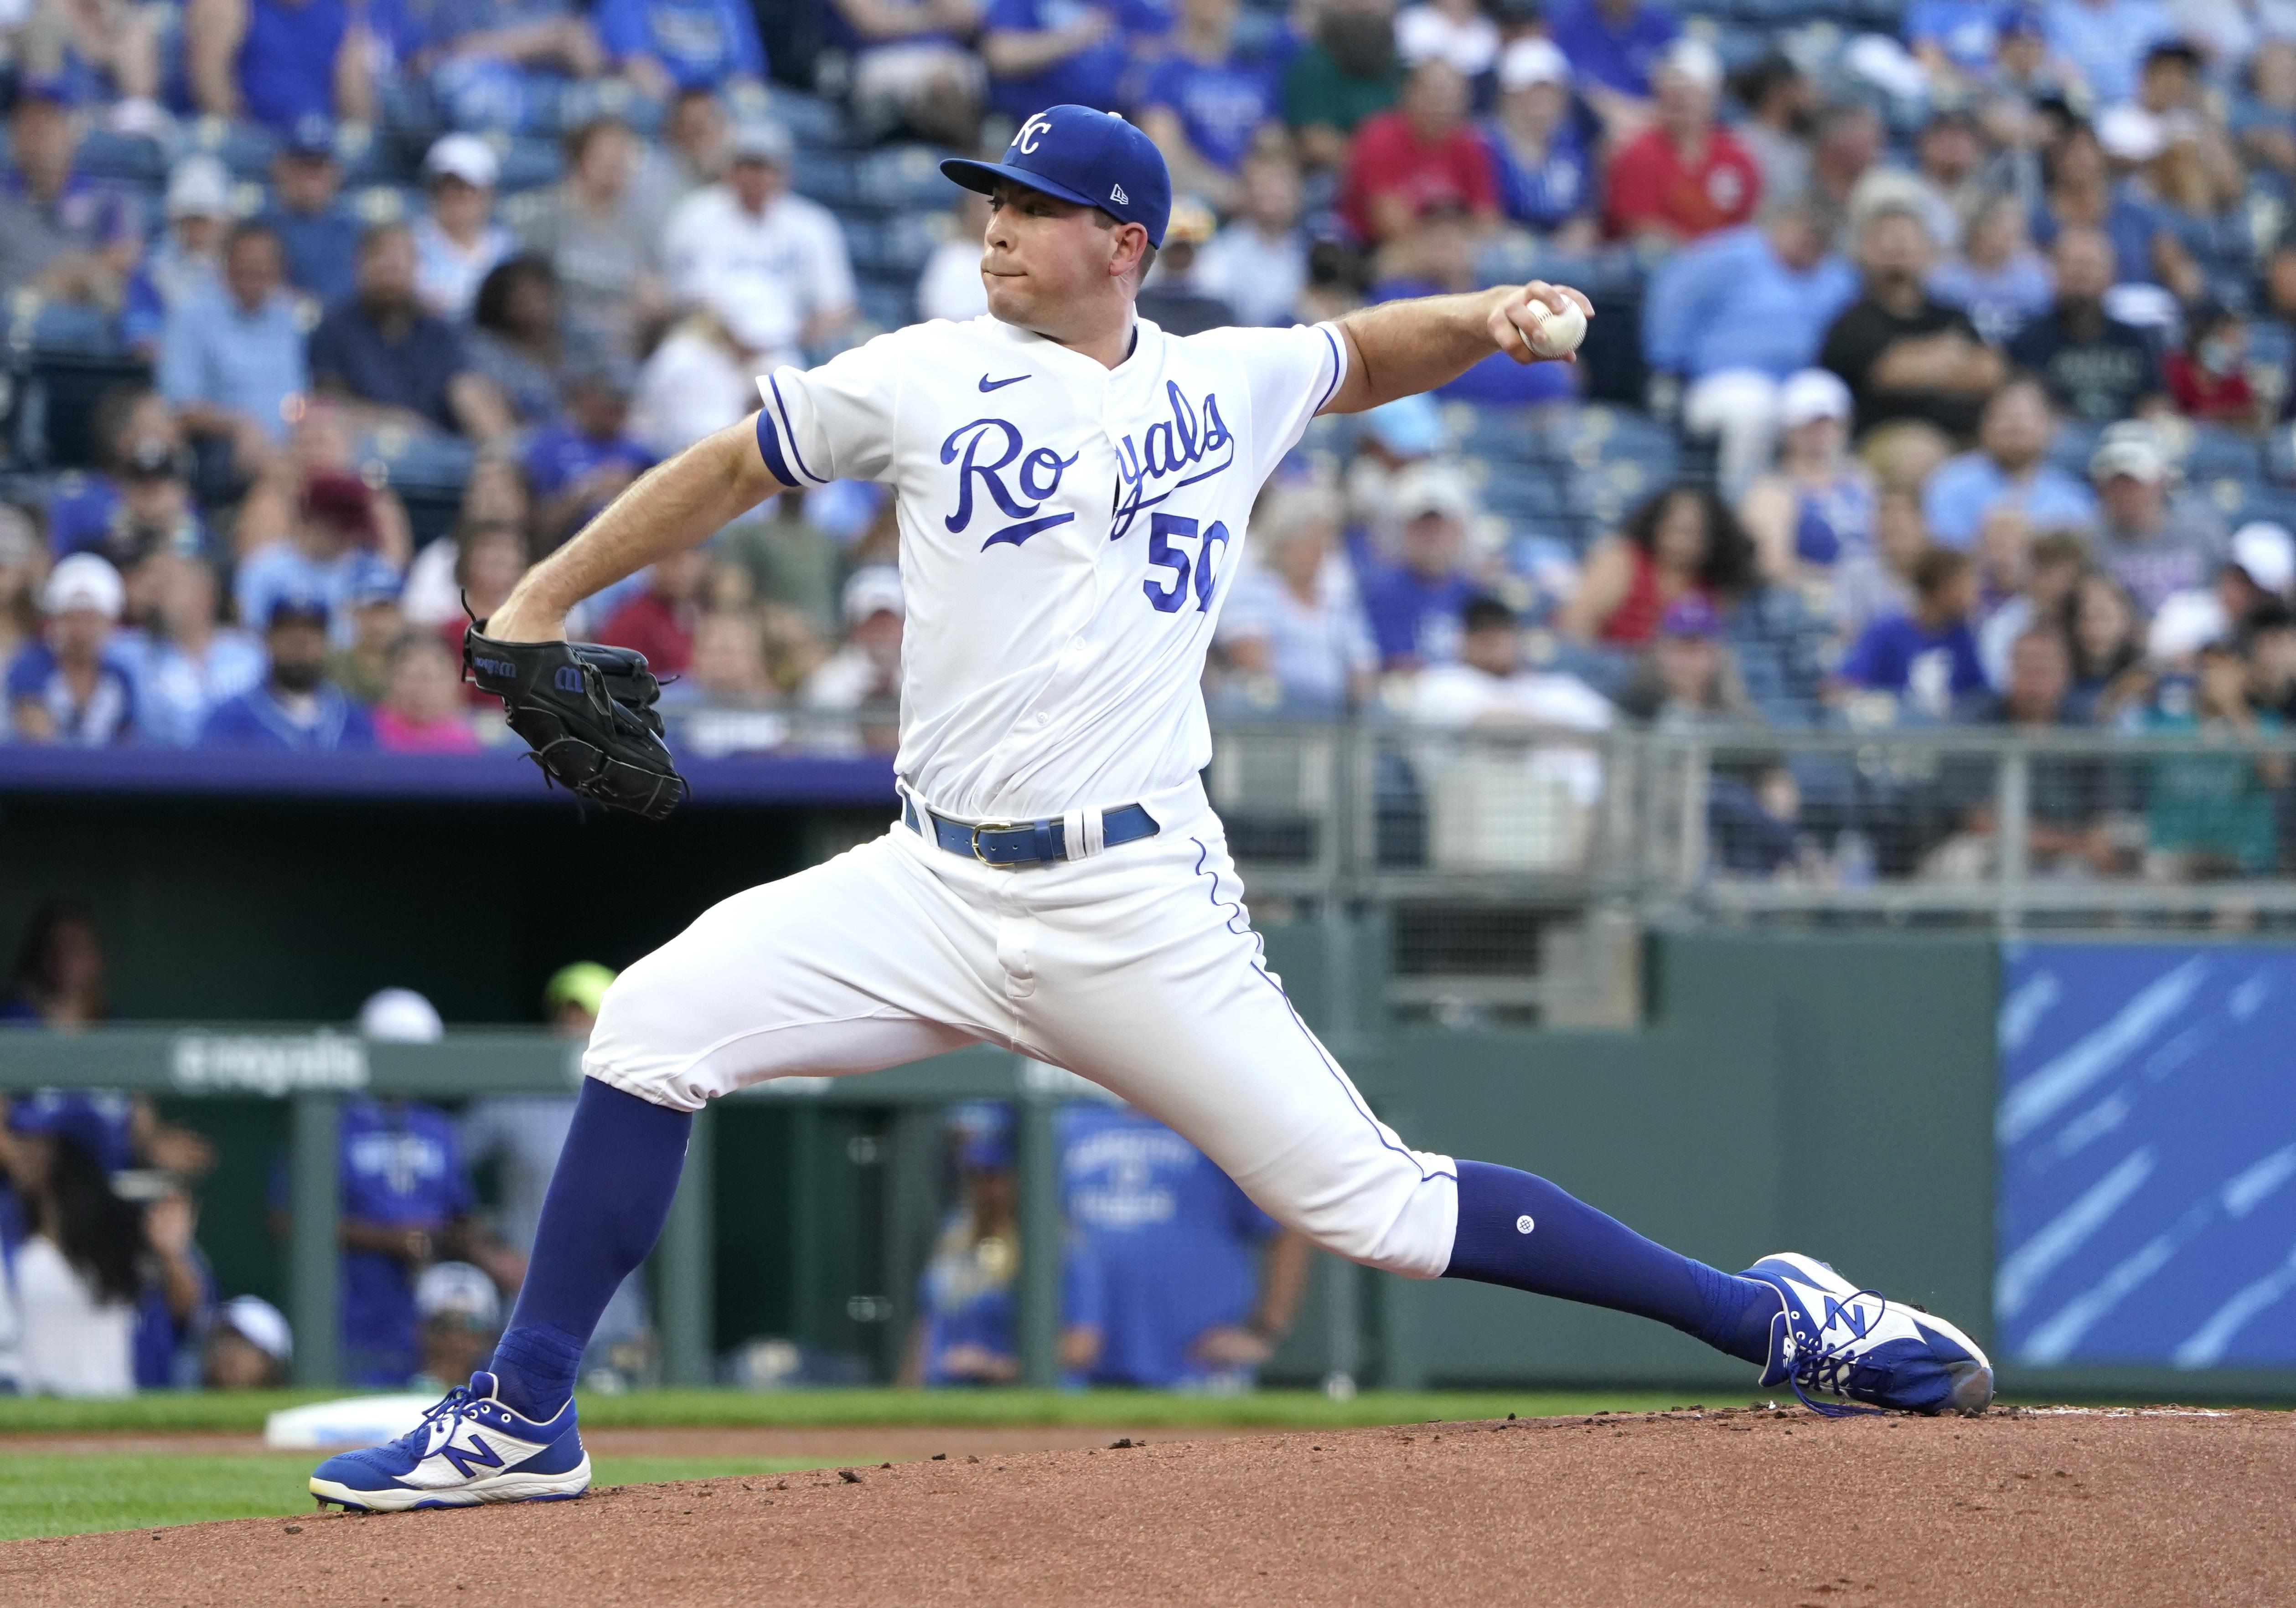 Kris Bubic throws a pitch